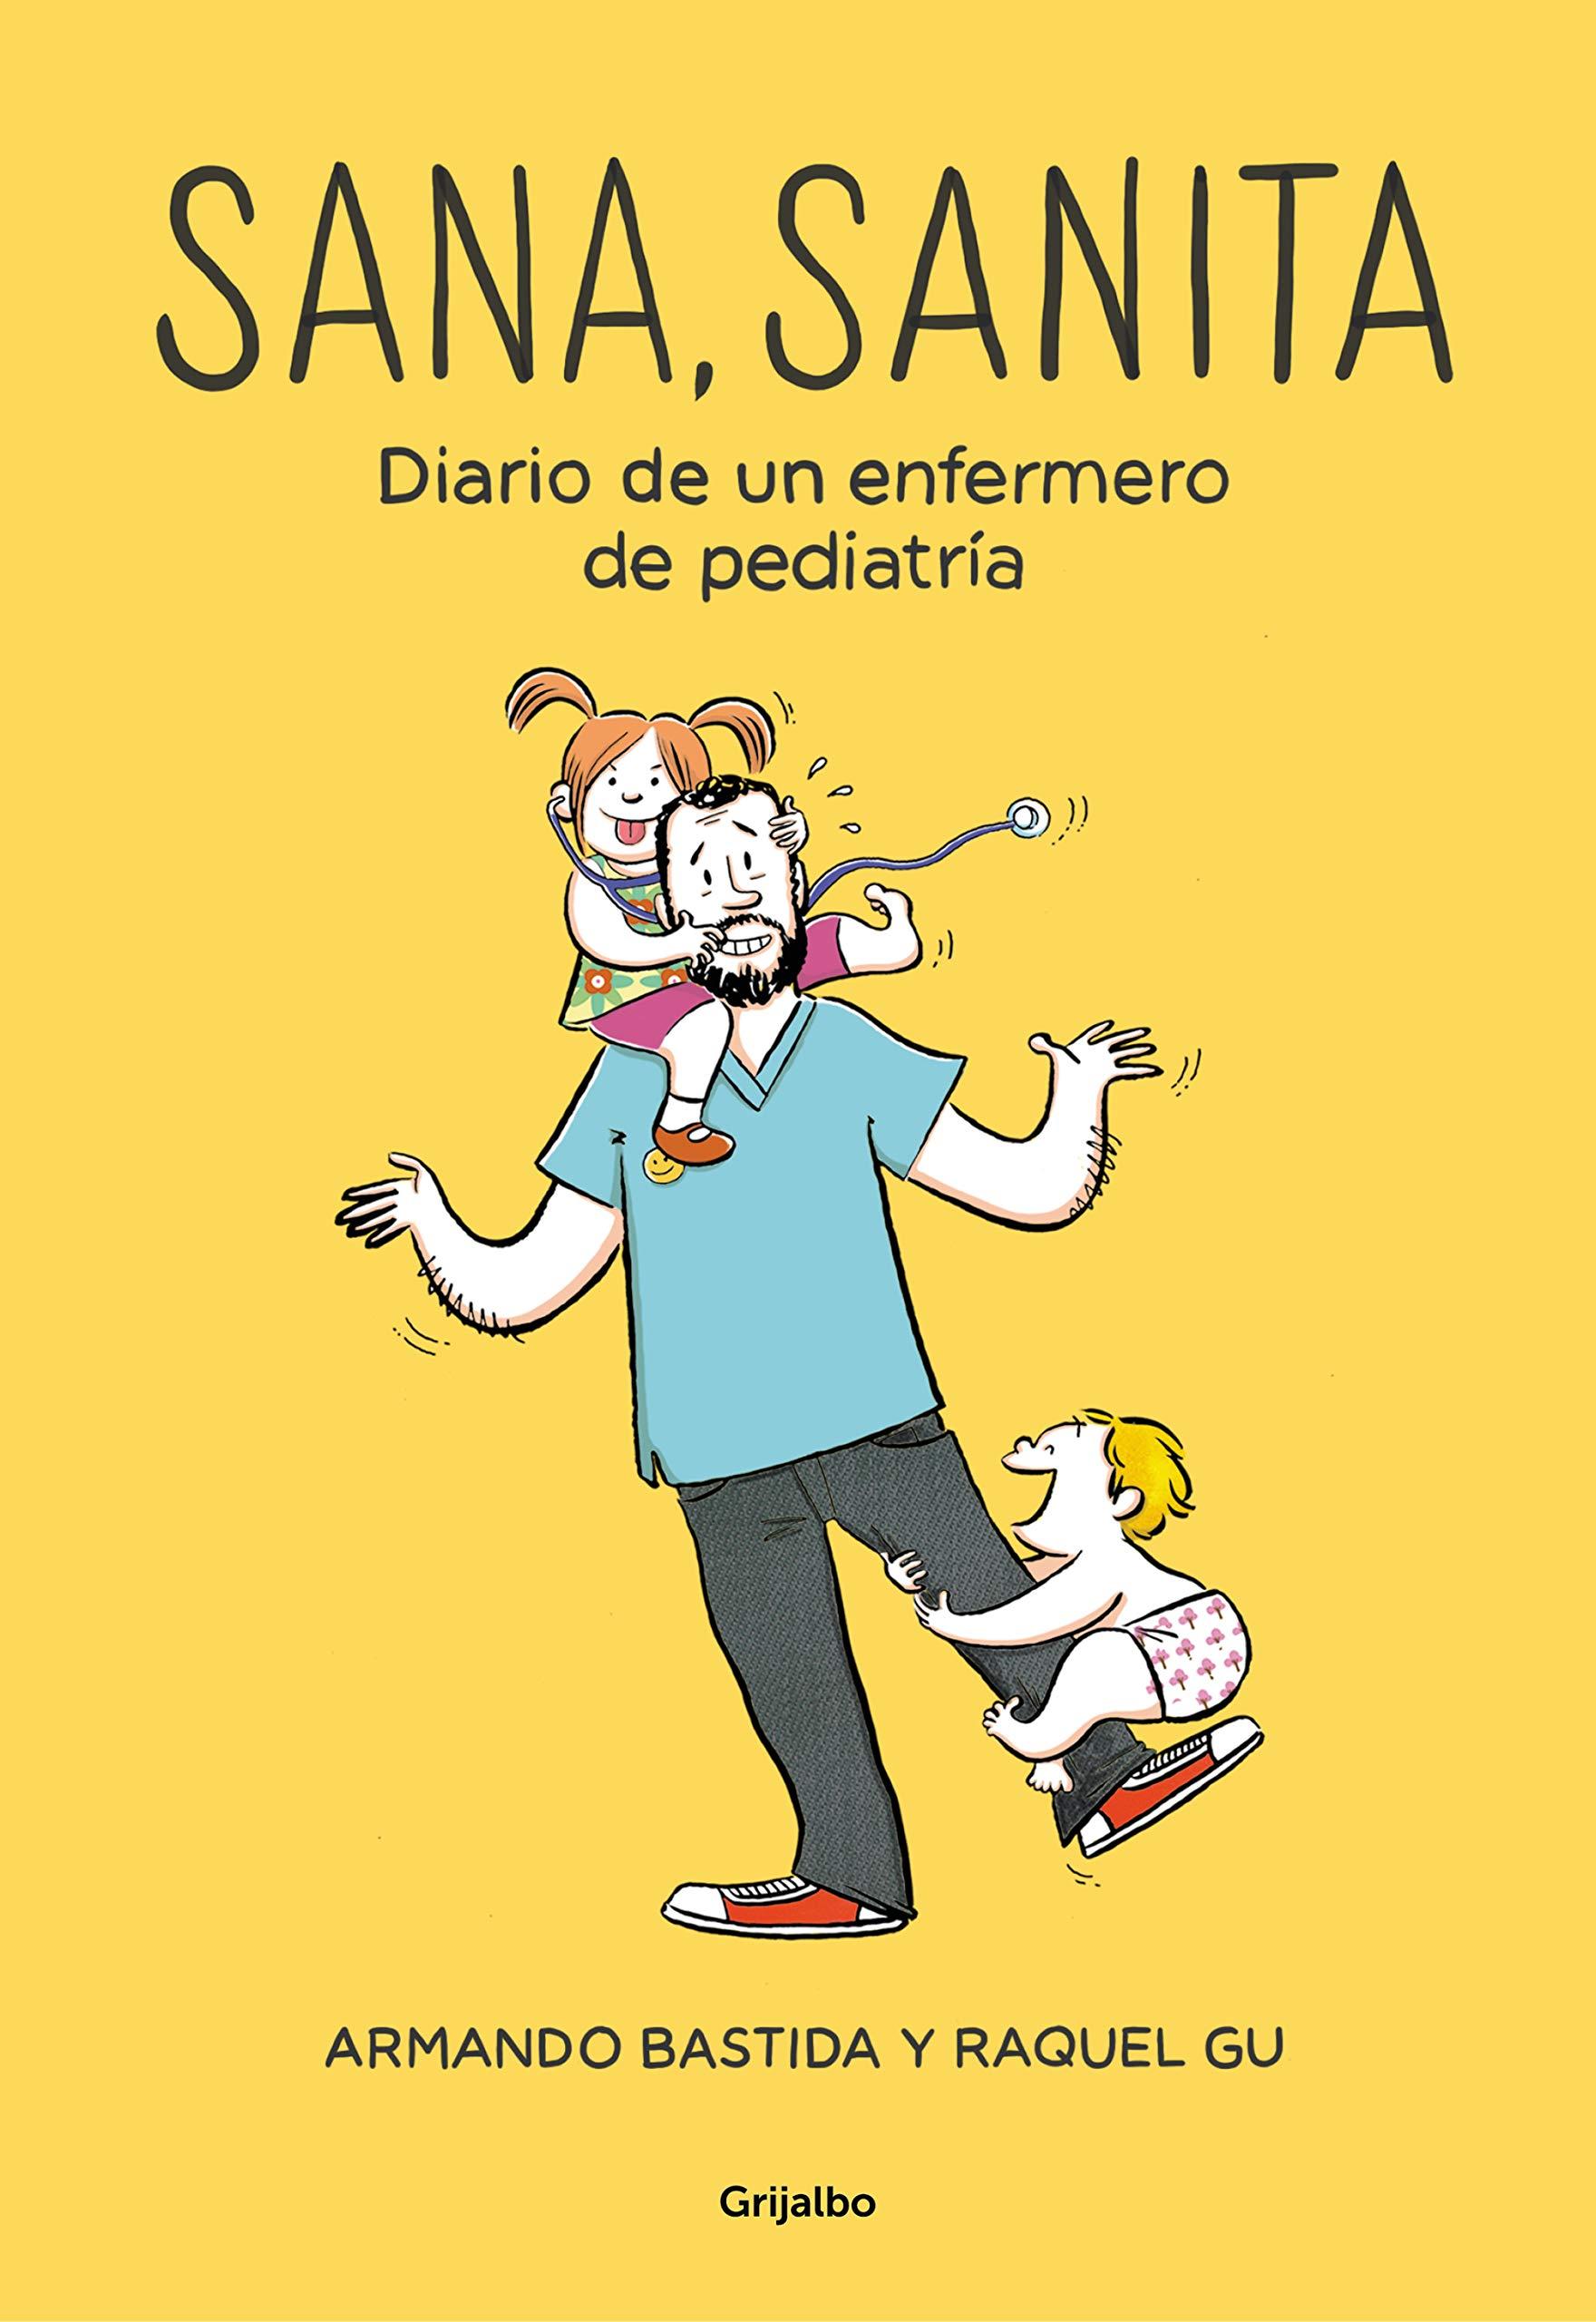 Sana, sanita: Diario de un enfermero de pediatría Ficción: Amazon.es:  Armando Bastida, Raquel Gu: Libros